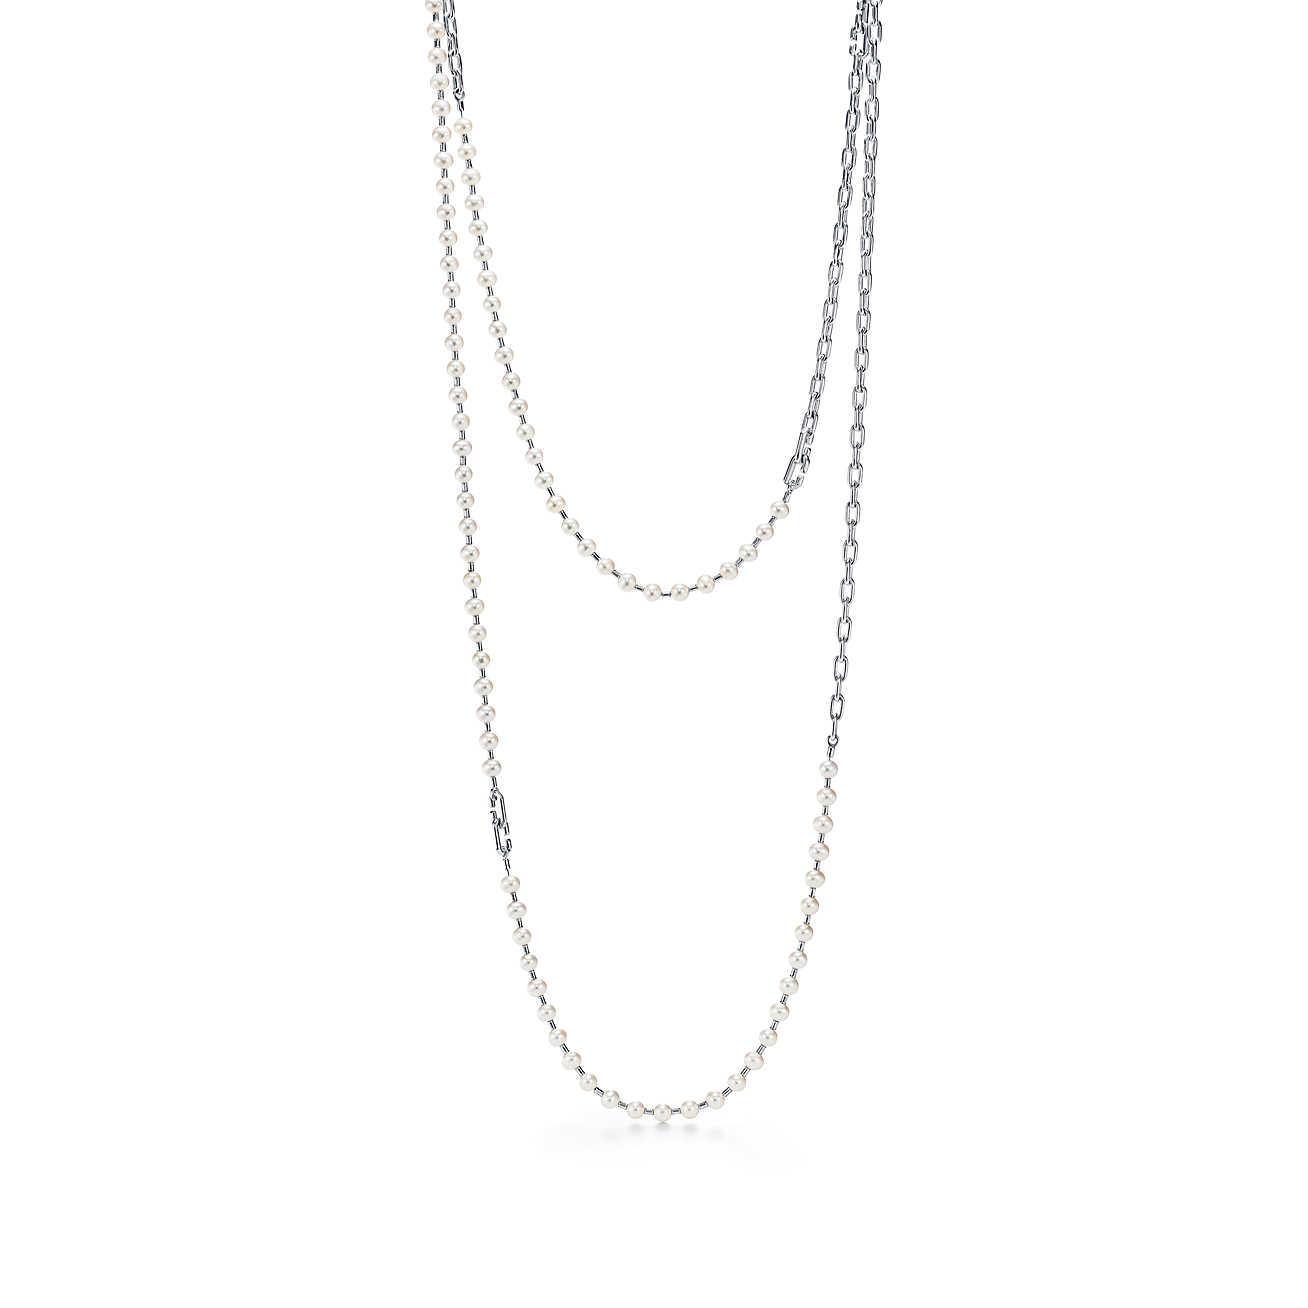 Tiffany HardWear freshwater pearl wrap necklace in sterling silver